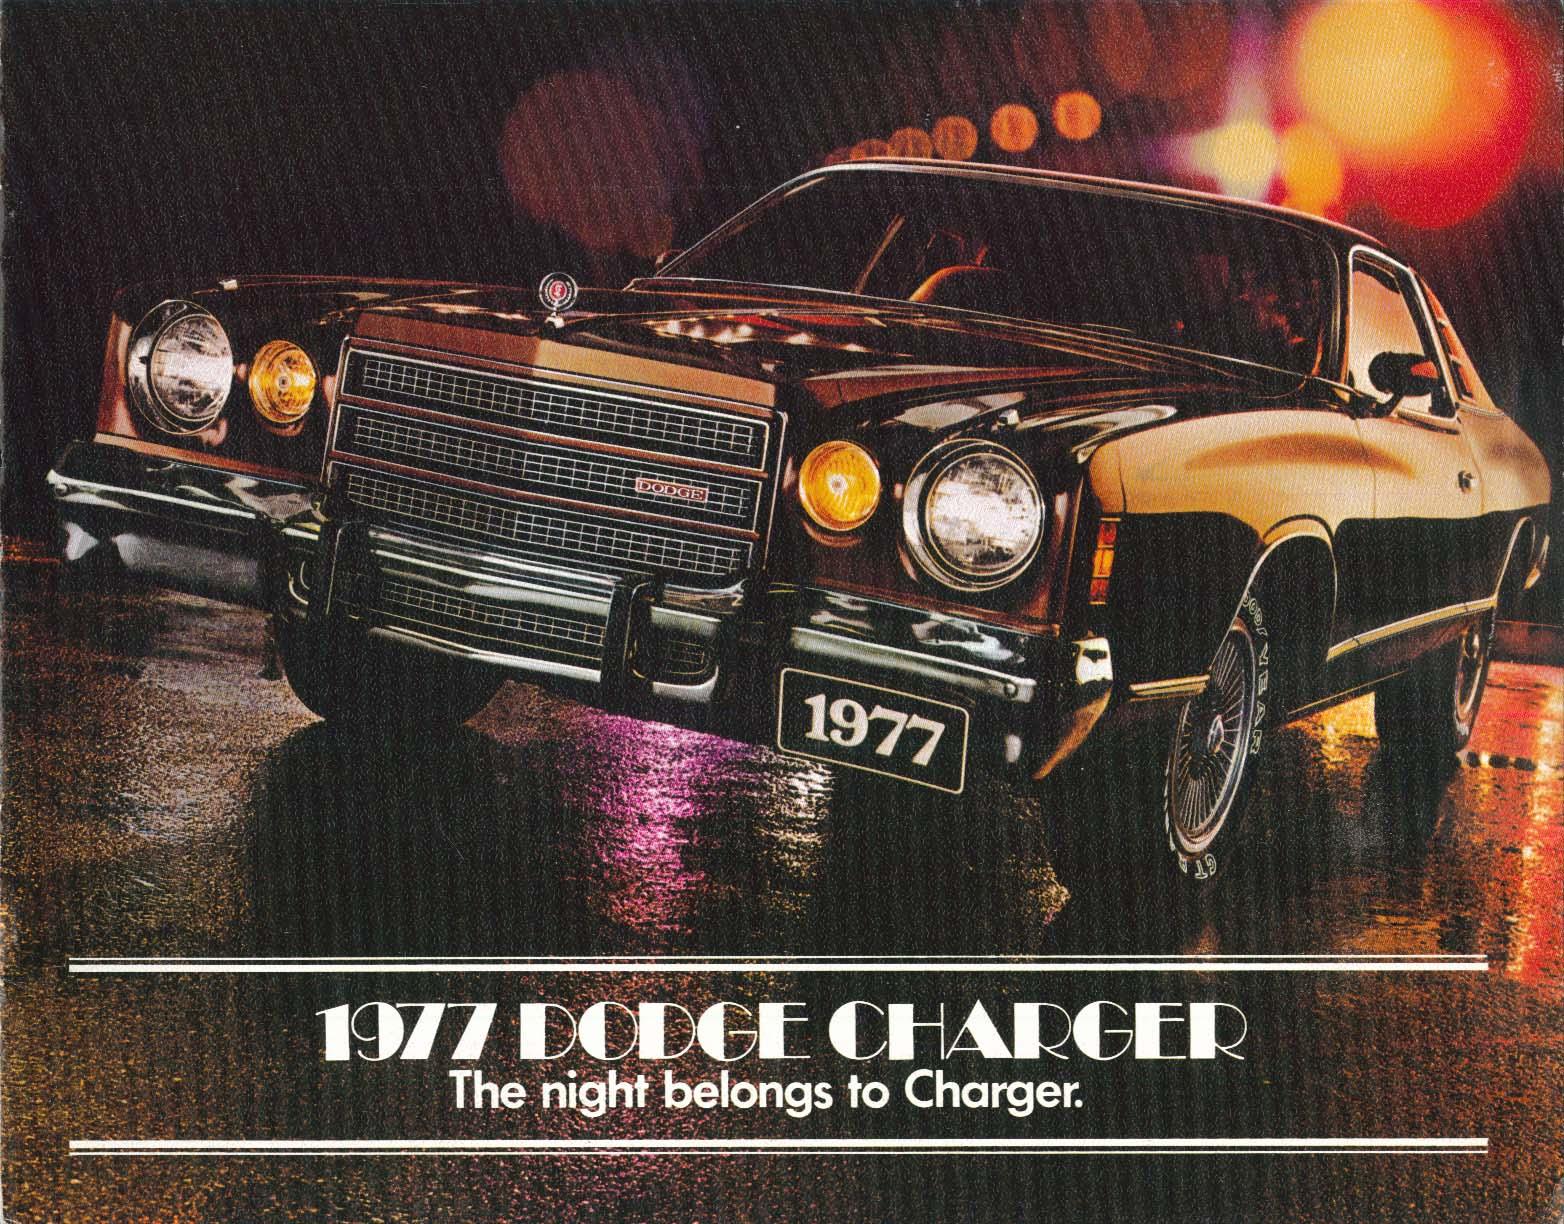 Image for 1977 Dodge Charger SE Daytona sales brochure